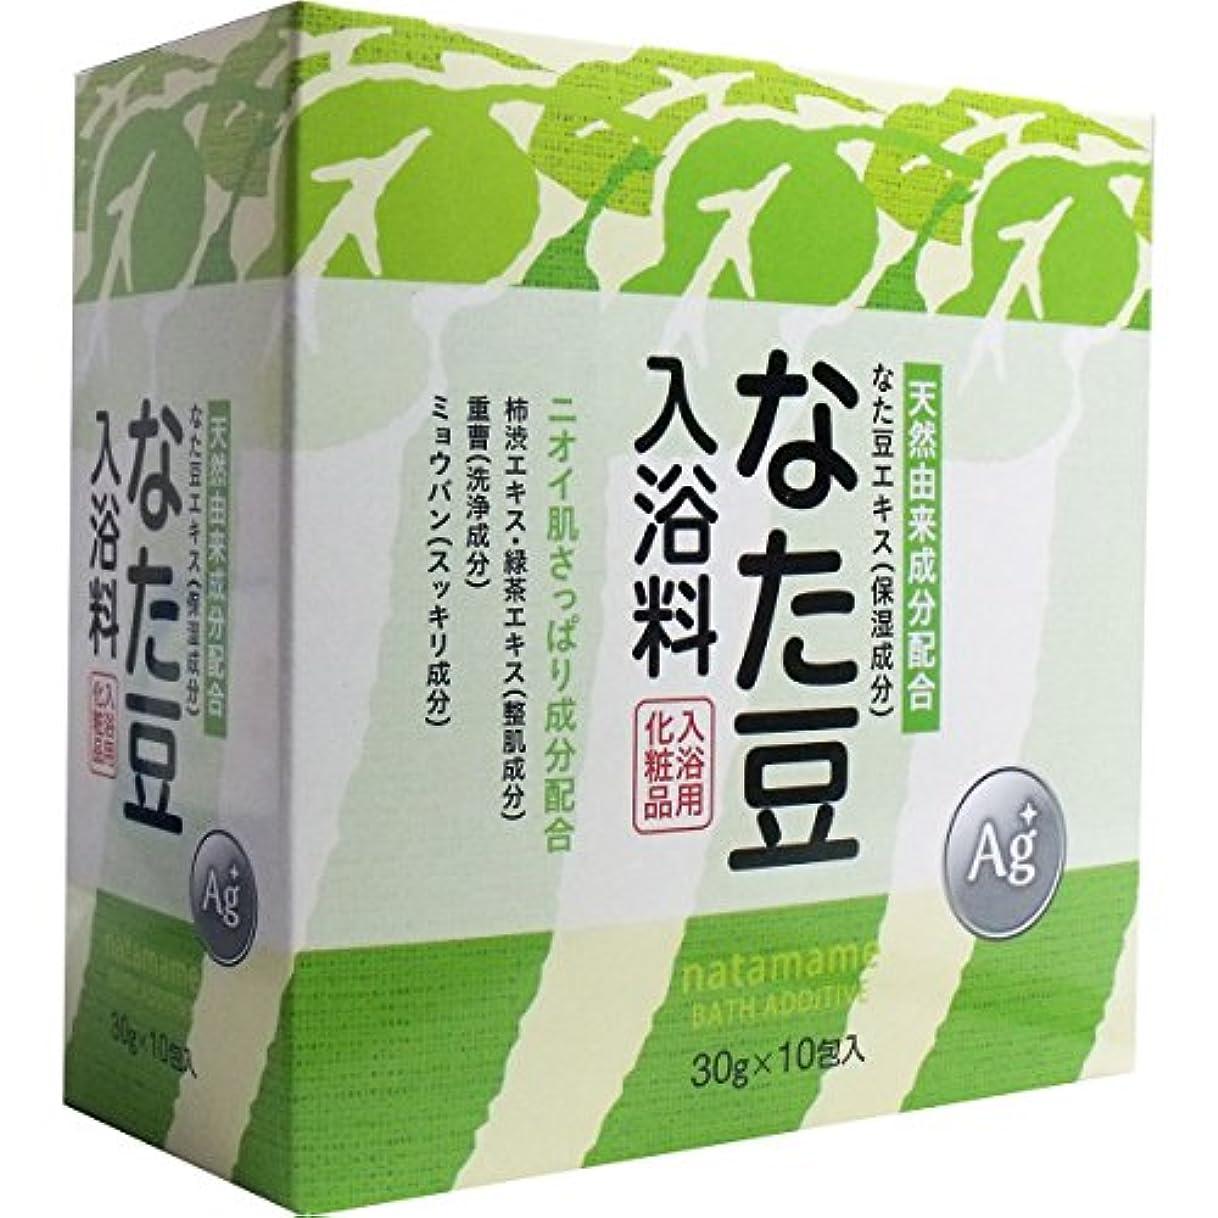 大使徒歩でウイルスなた豆入浴料 入浴用化粧品 30g×10包入×5